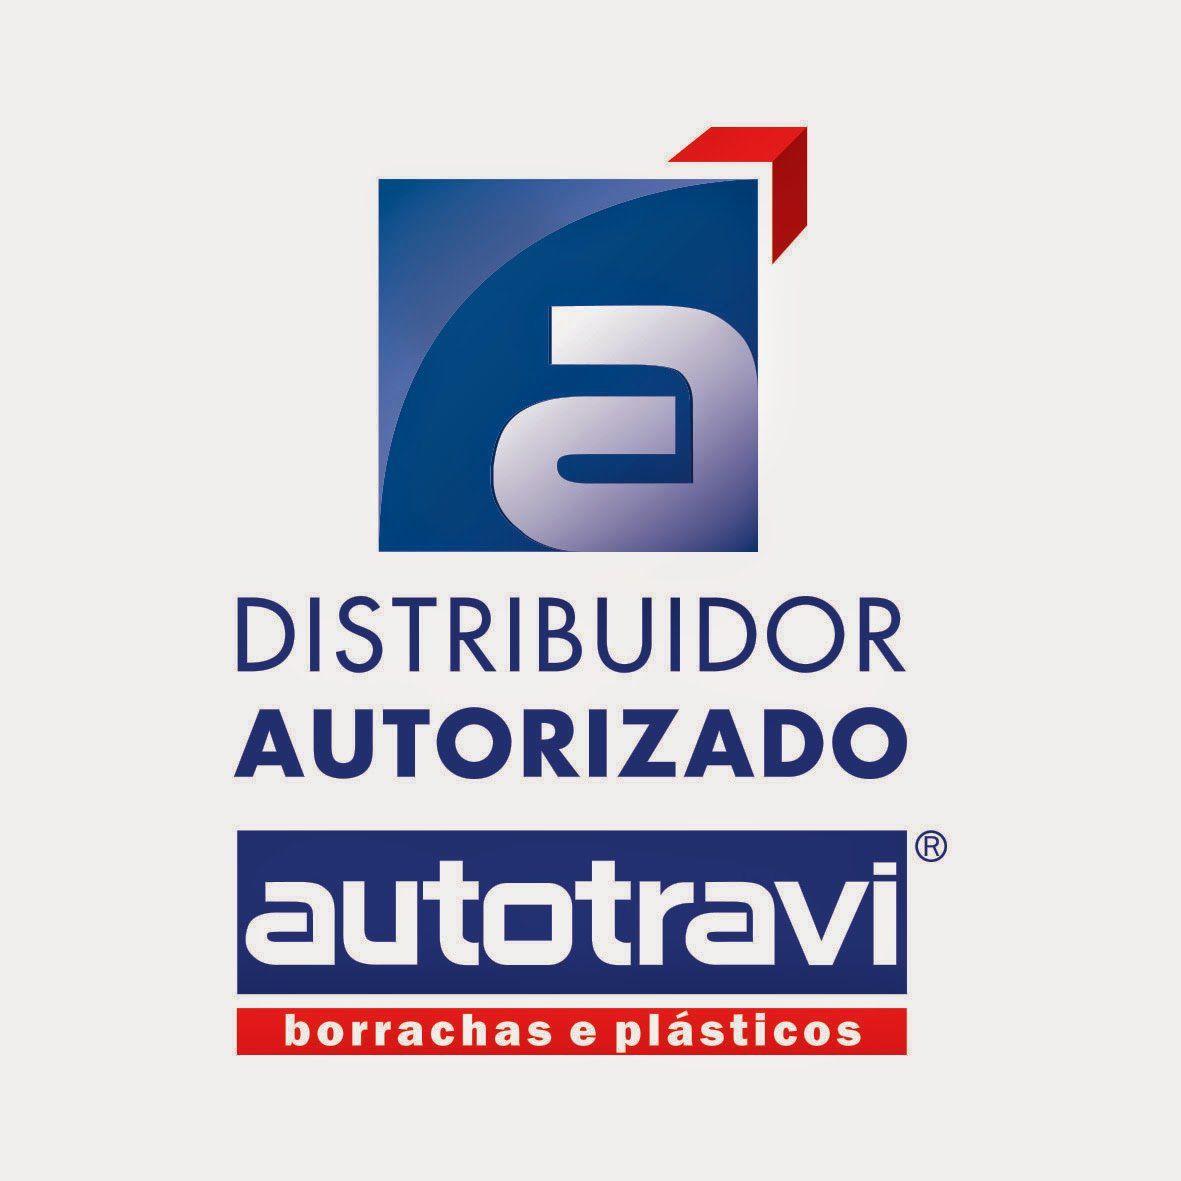 Guarnição ou borracha de vedação do capô dianteiro para VW Fusca - Marca Autotravi  - Bunnitu Peças e Acessórios